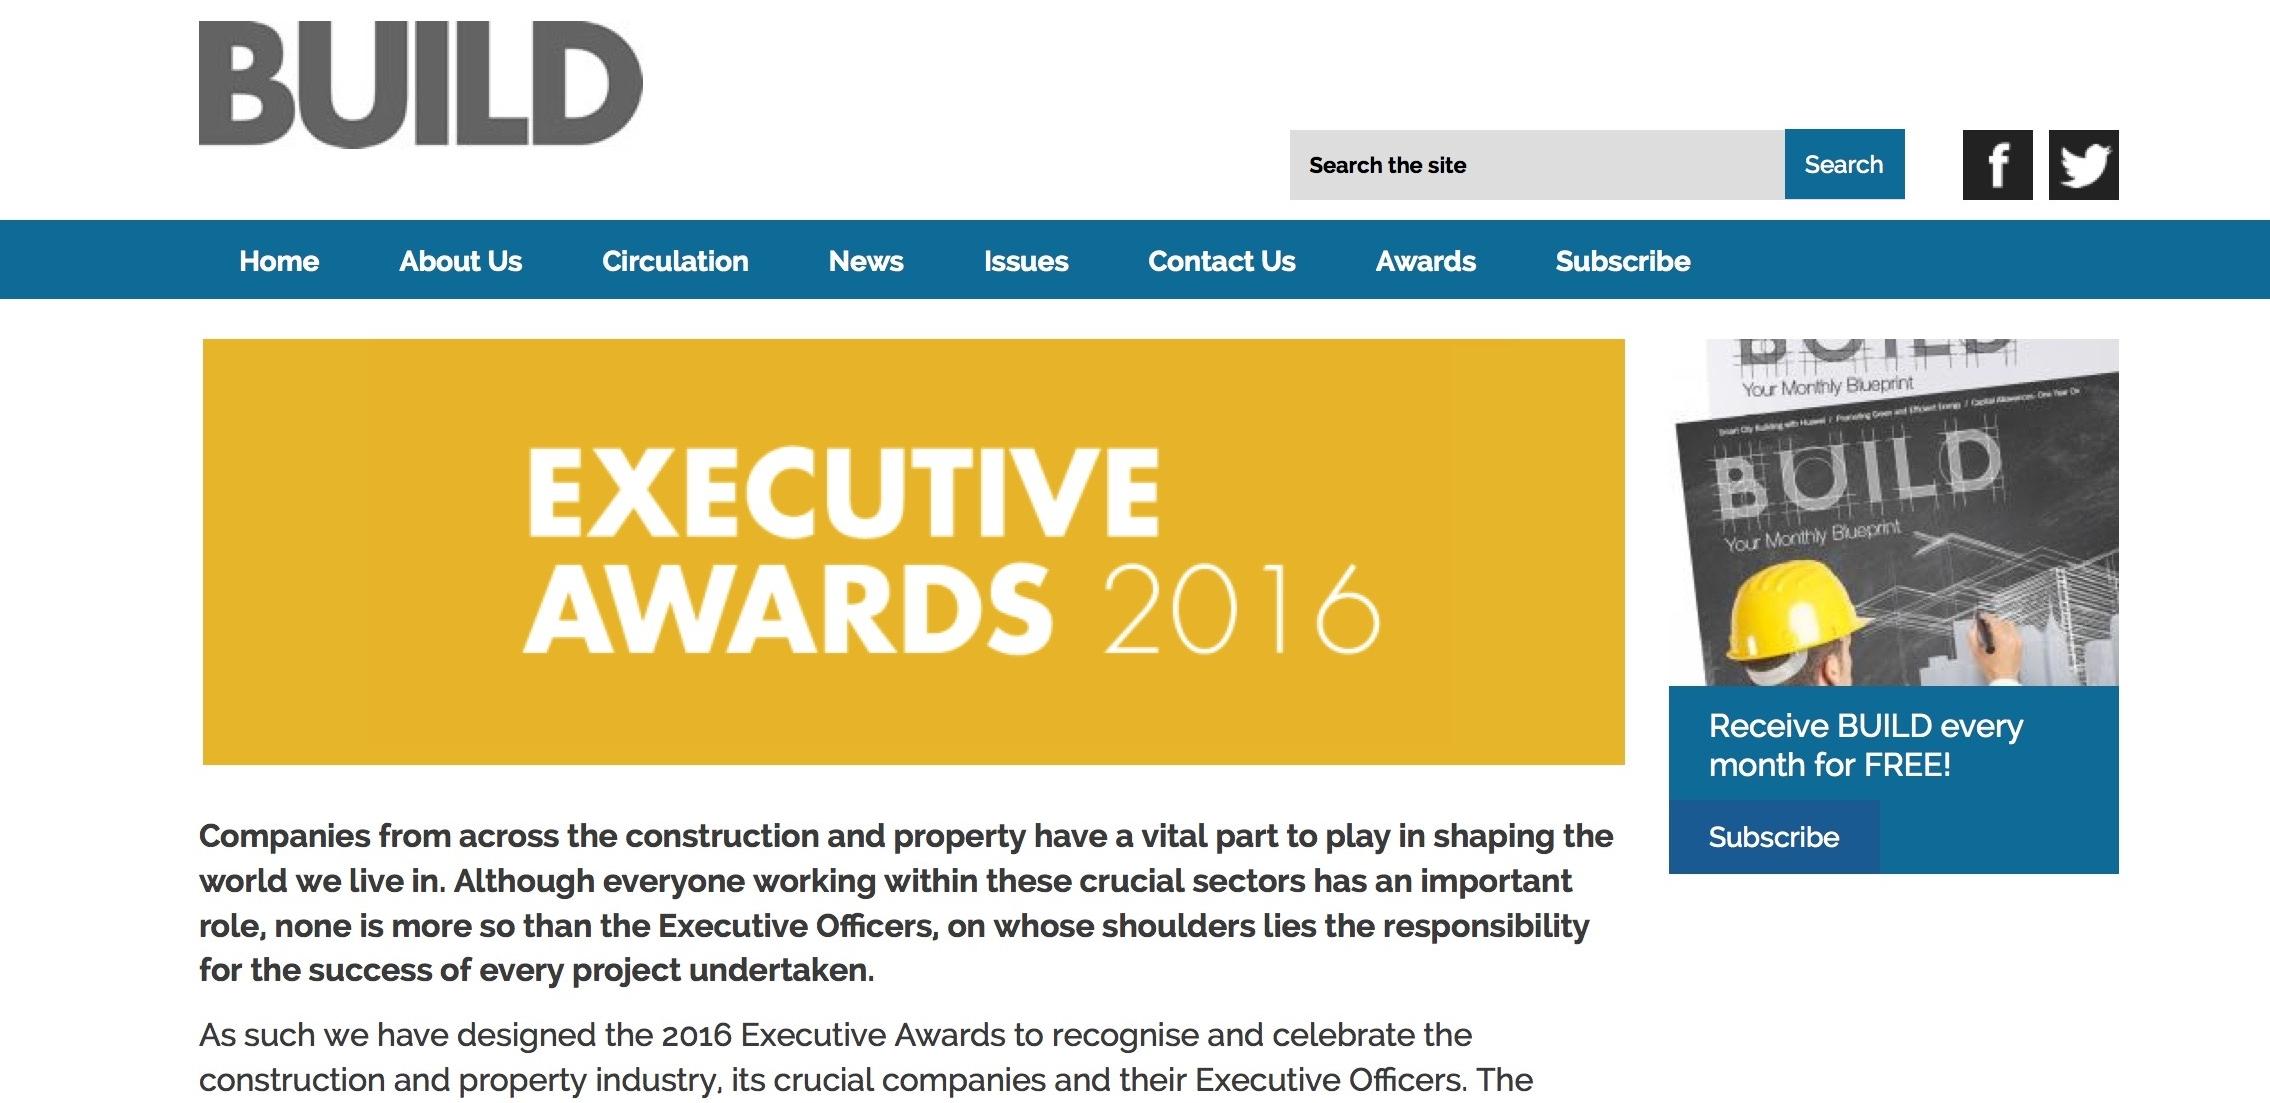 Build_Executive_Awards_2016